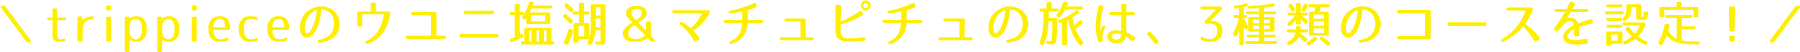 trippieceのウユニ塩湖&マチュピチュの旅は、3種類のコースを設定!